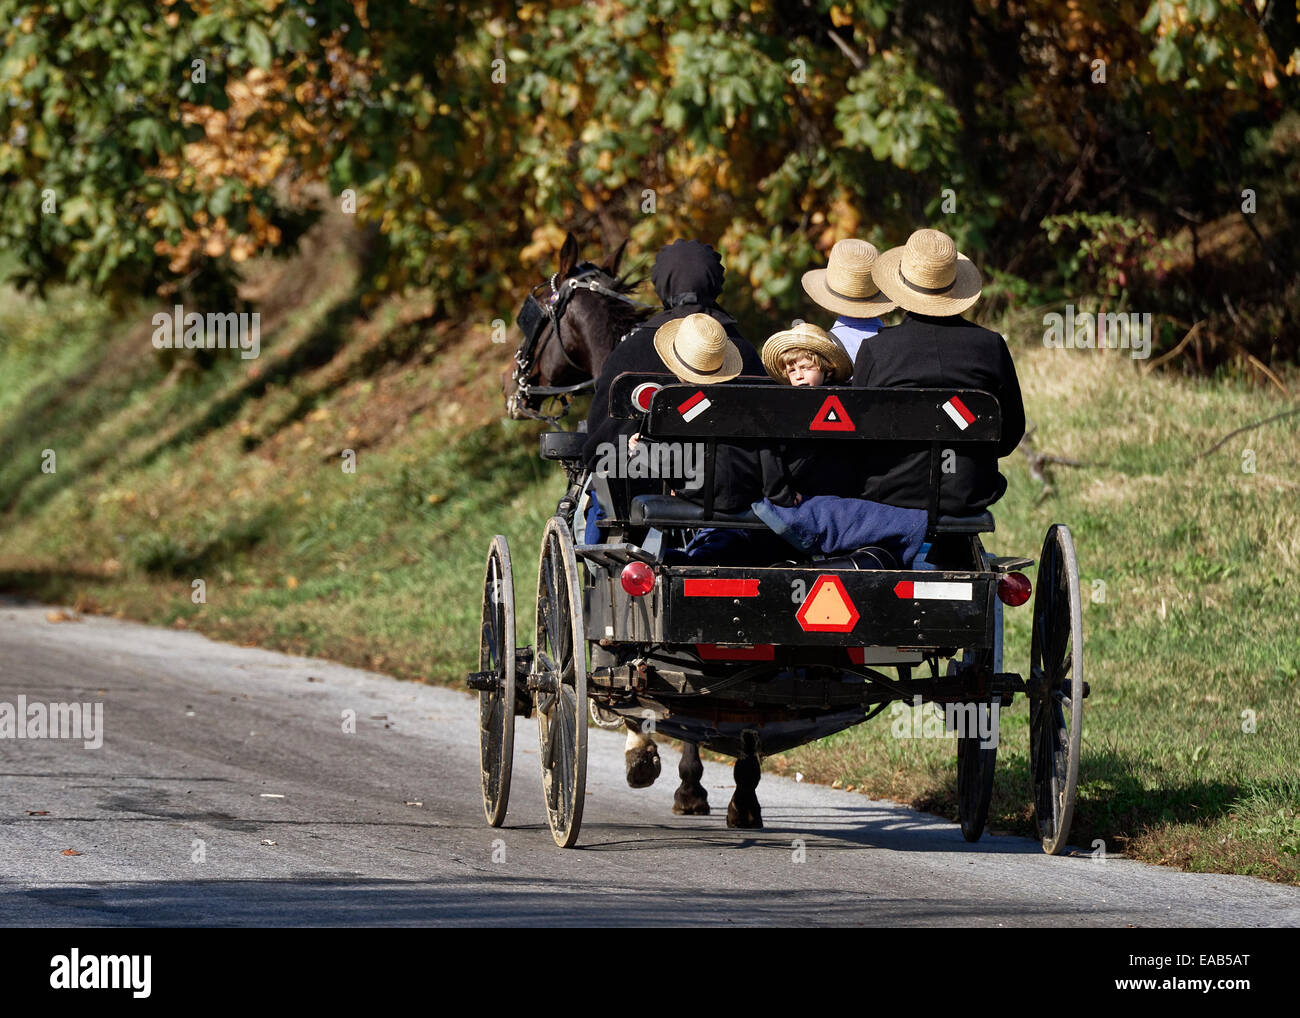 Familia en caballos amish buggy, Ronks, Condado de Lancaster, Pennsylvania, EE.UU. Imagen De Stock